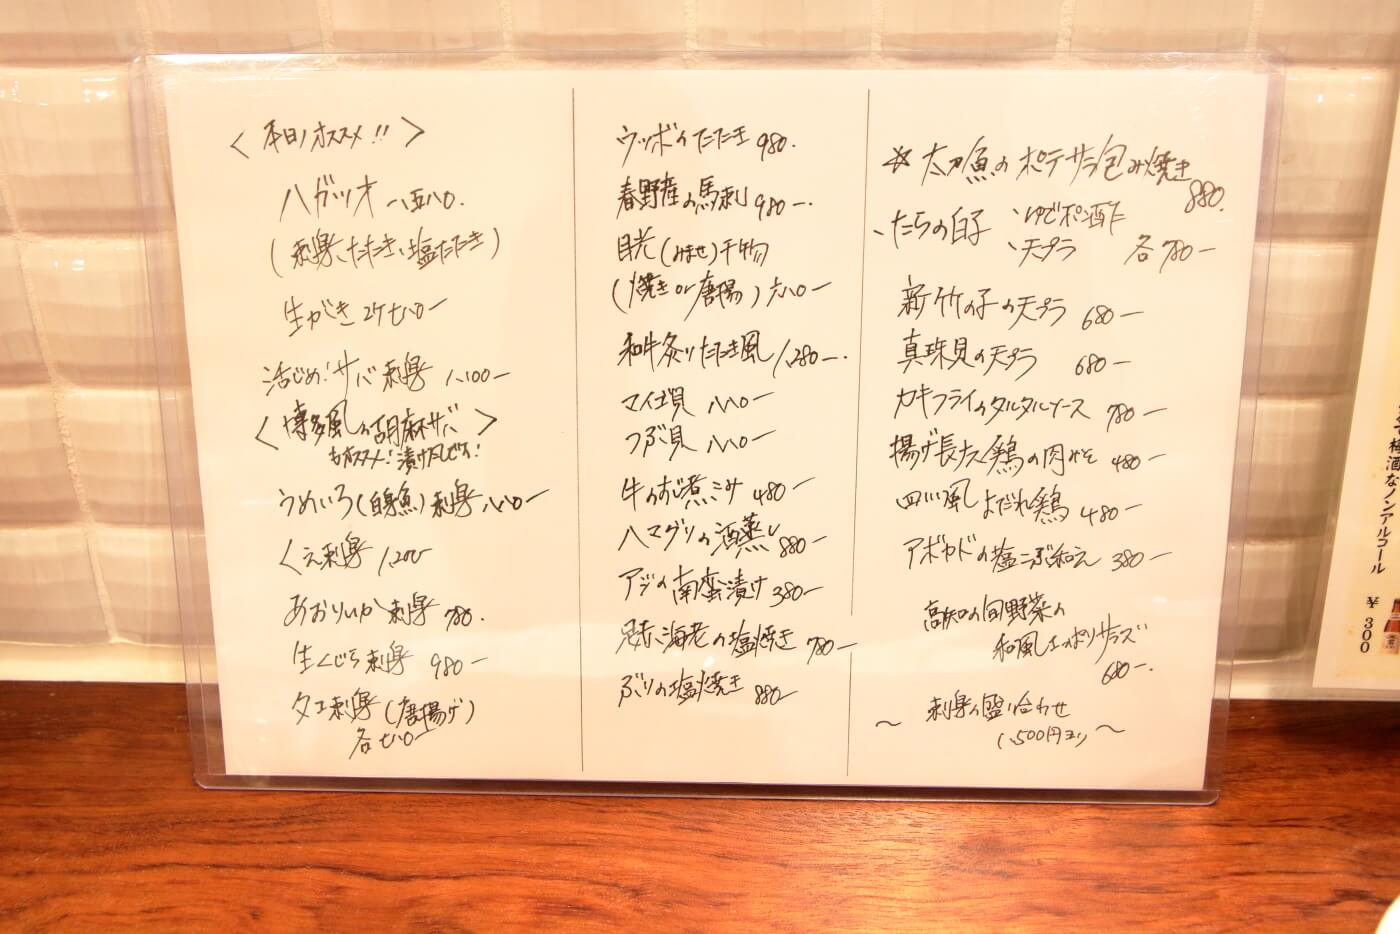 リニューアルオープンした高知市の居酒屋英屋のメニュー